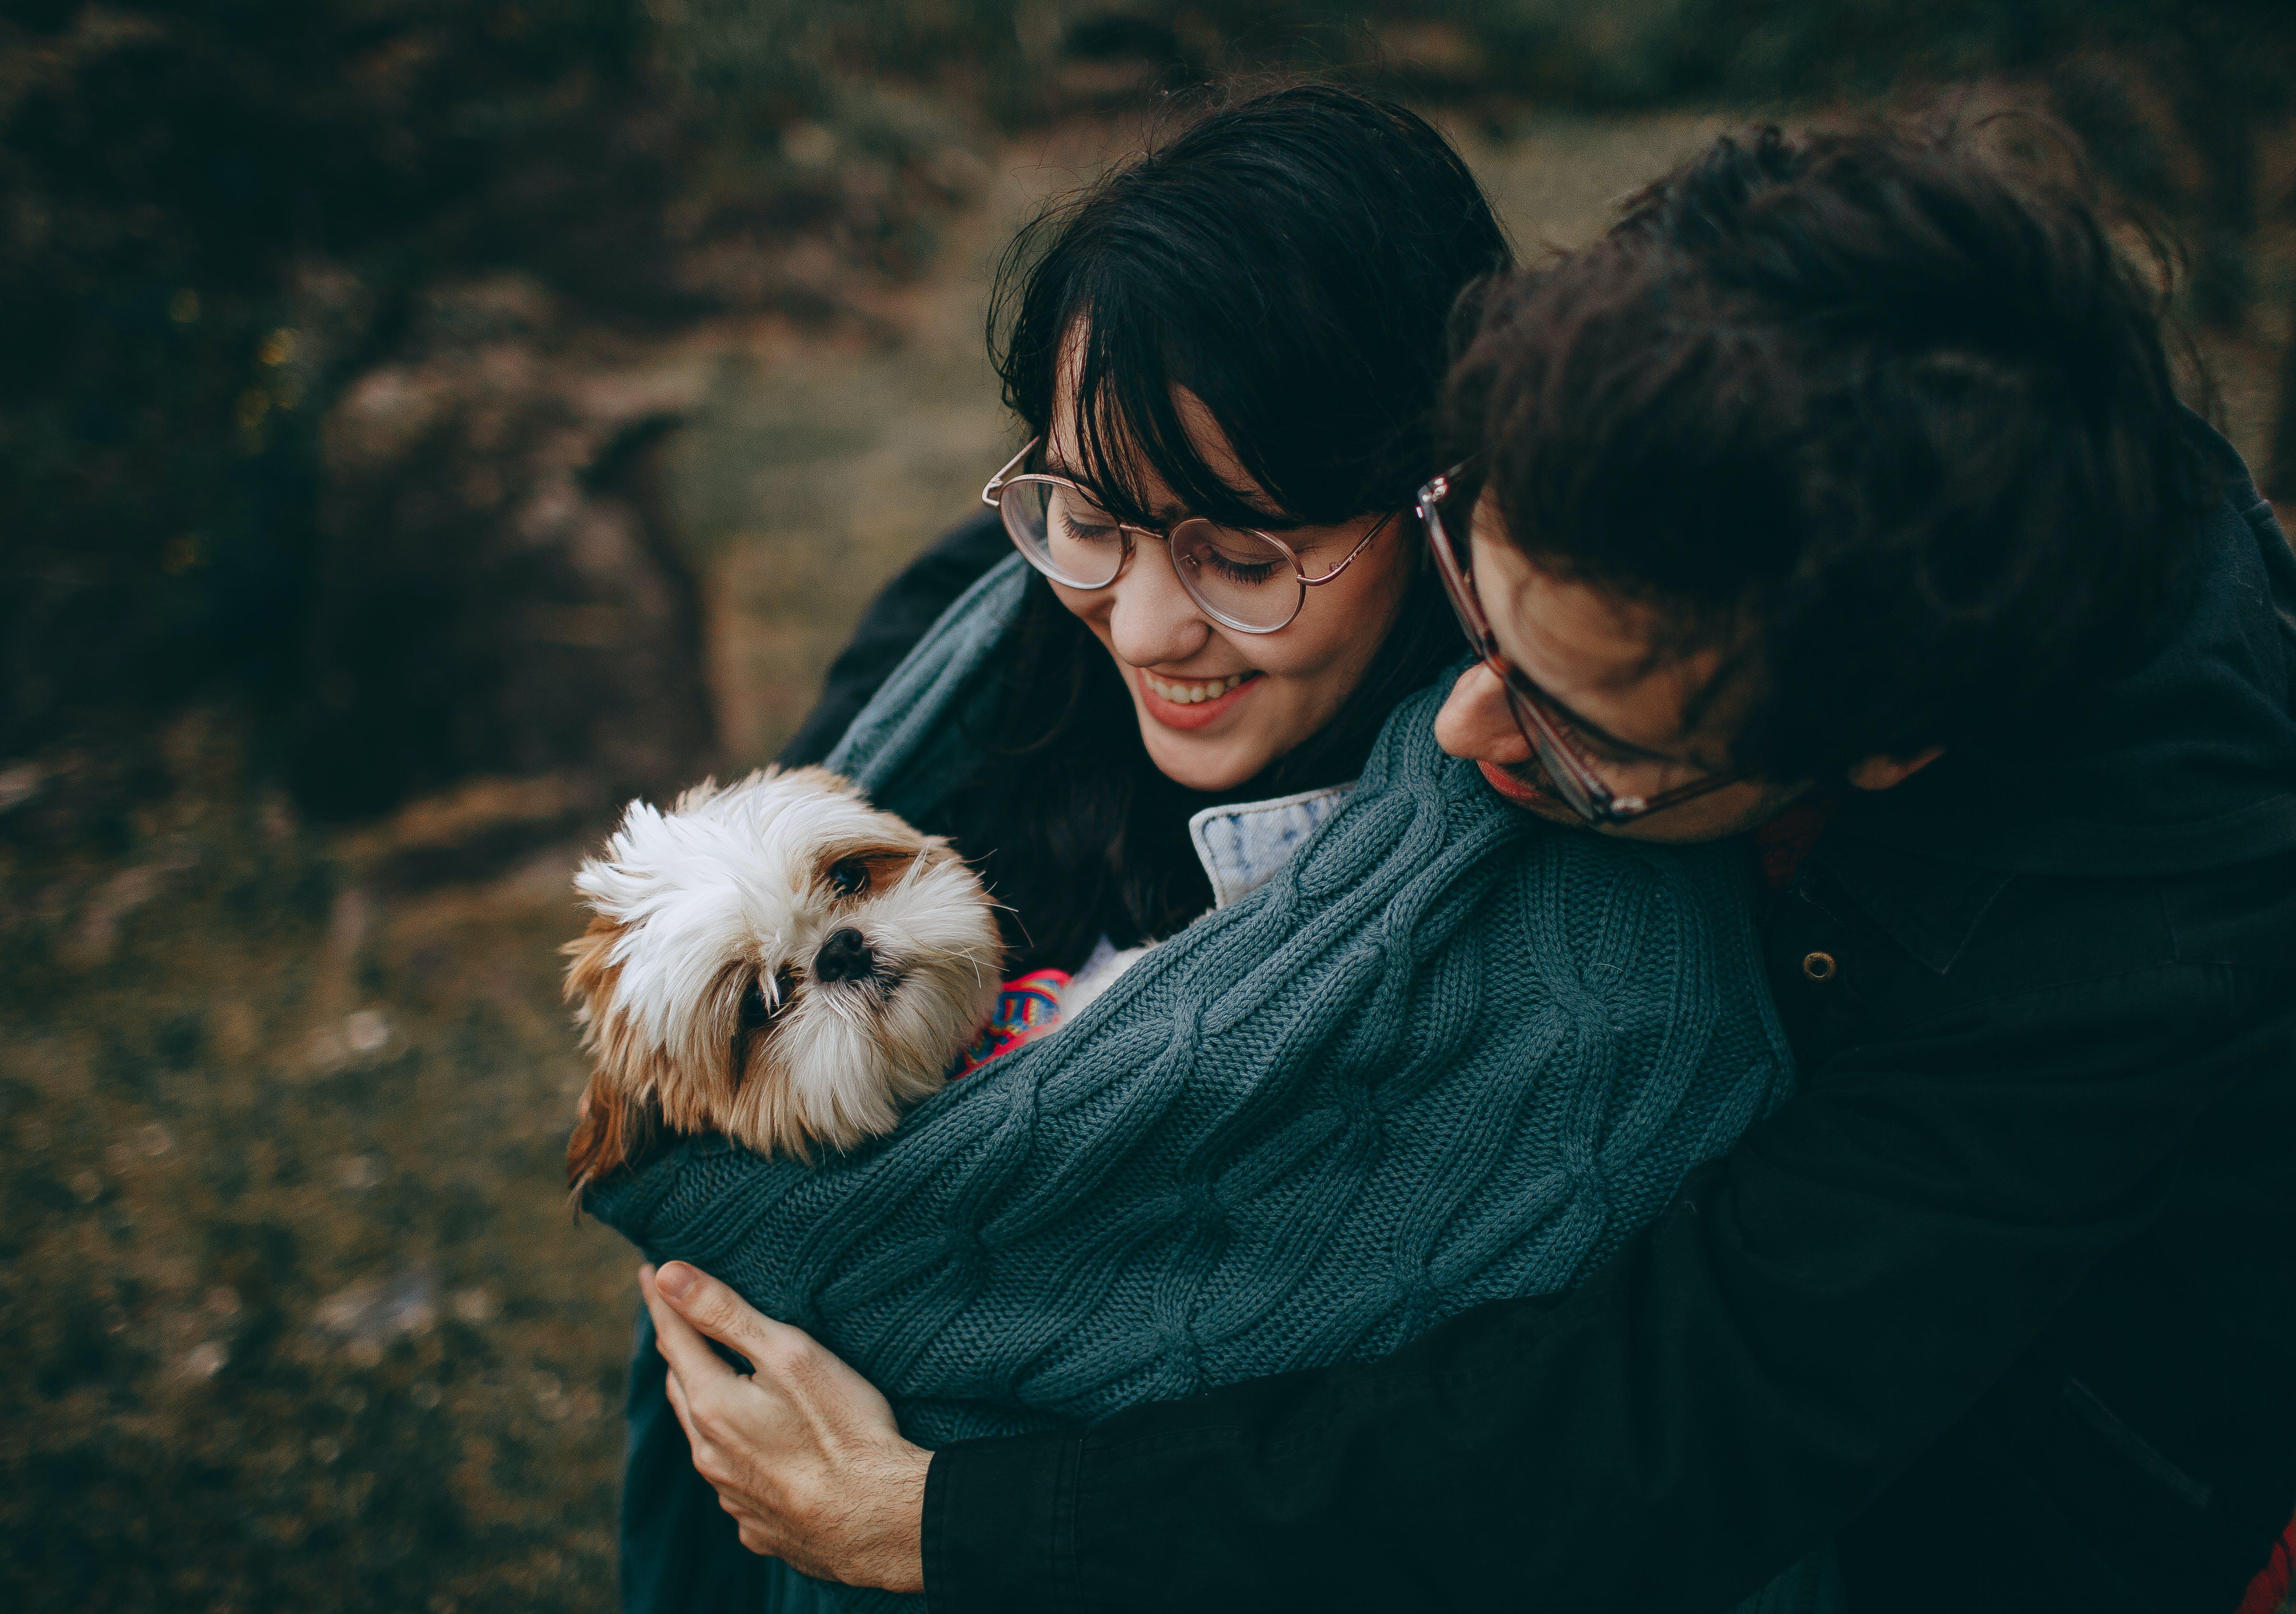 Ingyenes stockfotó 20-25 éves férfi, 20-25 éves nő, 20-25 évesek, állatbarát témában